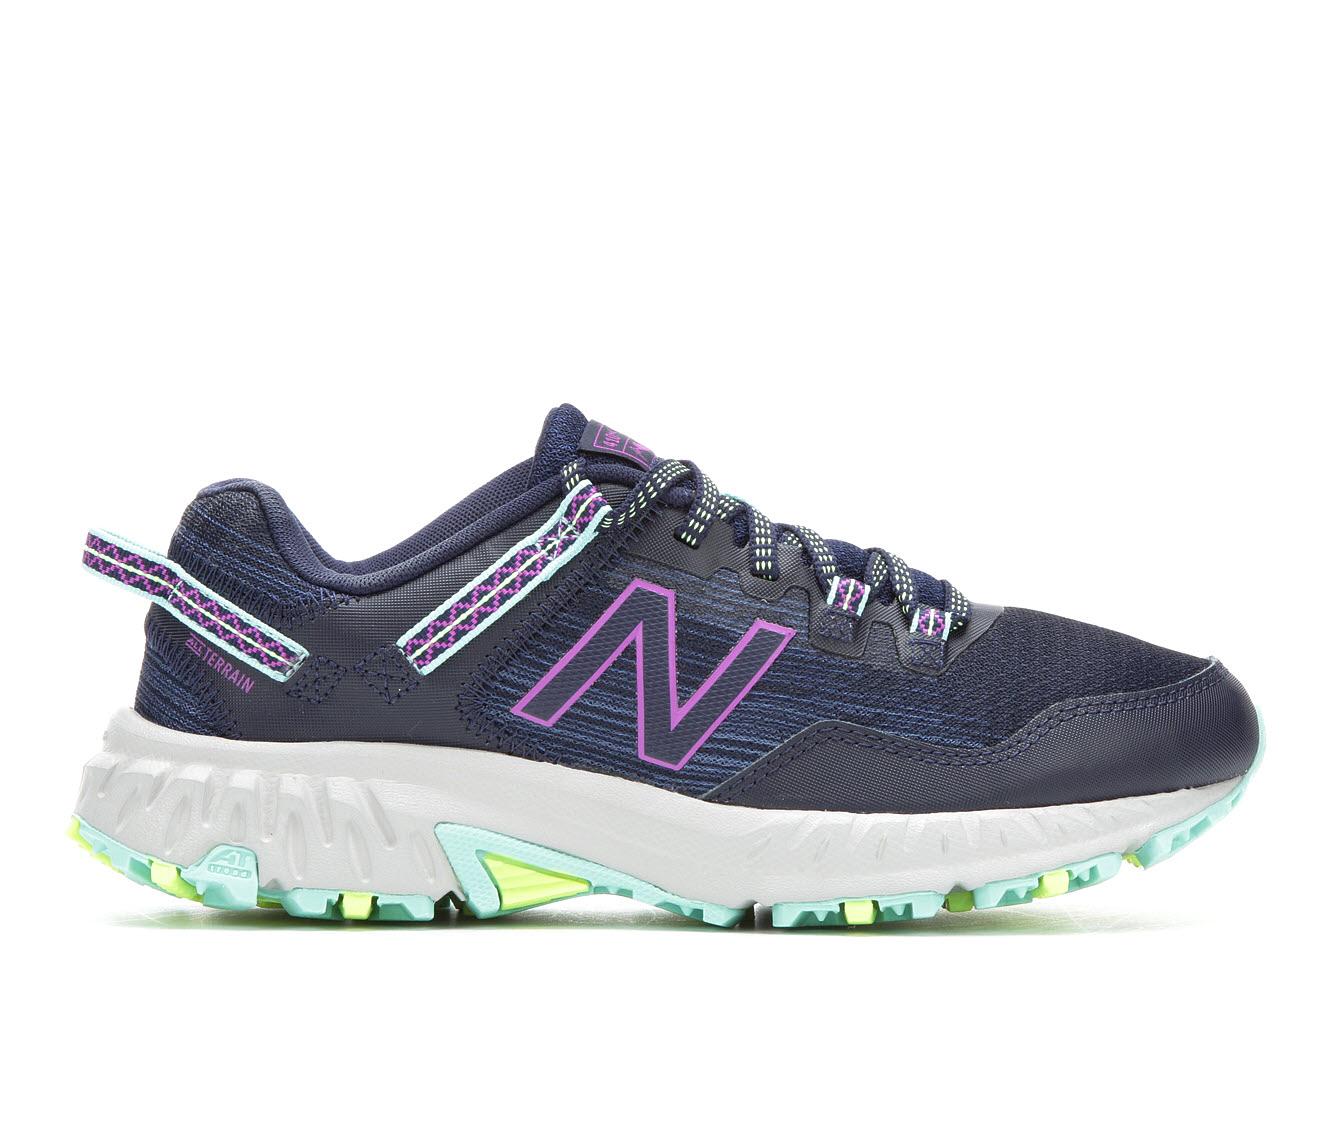 New Balance WT410V6 Women's Athletic Shoe (Blue)